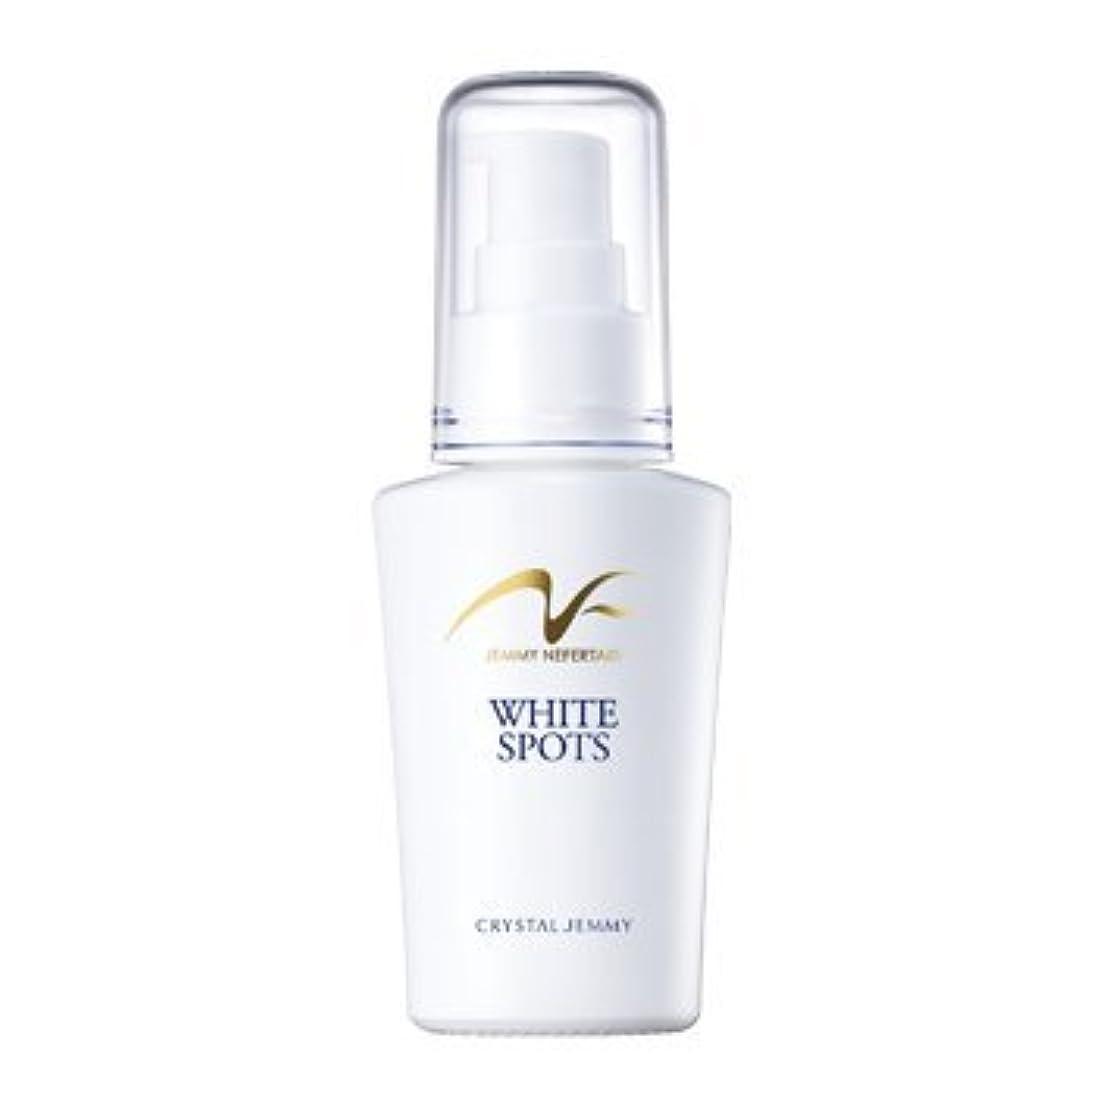 午後傾向泥棒クリスタルジェミー ジェミーネフェルタリ薬用ホワイトスポッツ 美容液 美白 集中 シミ 対策